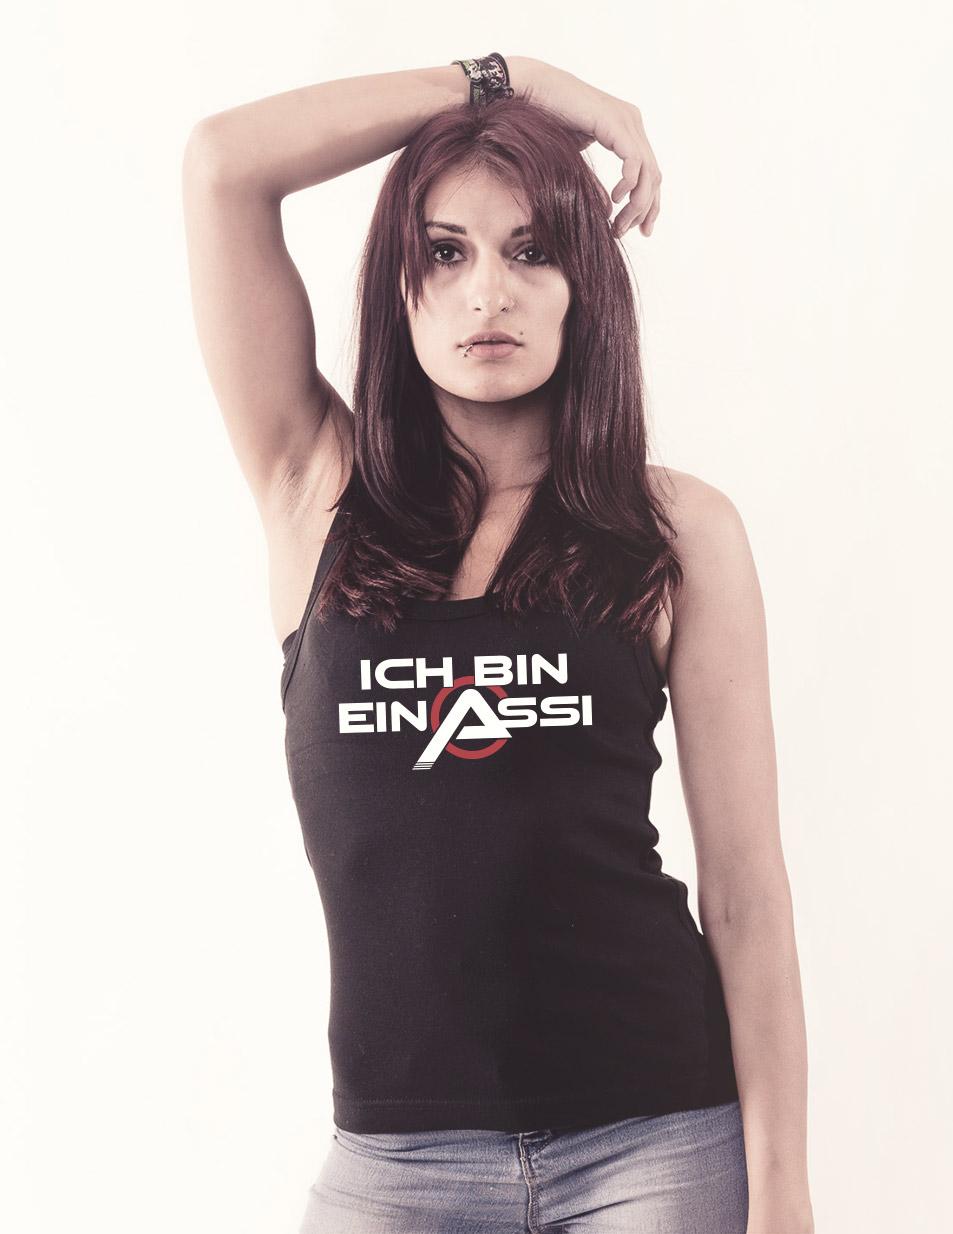 Ich bin ein Assi Girly Tank Top mehrfarbig auf schwarz